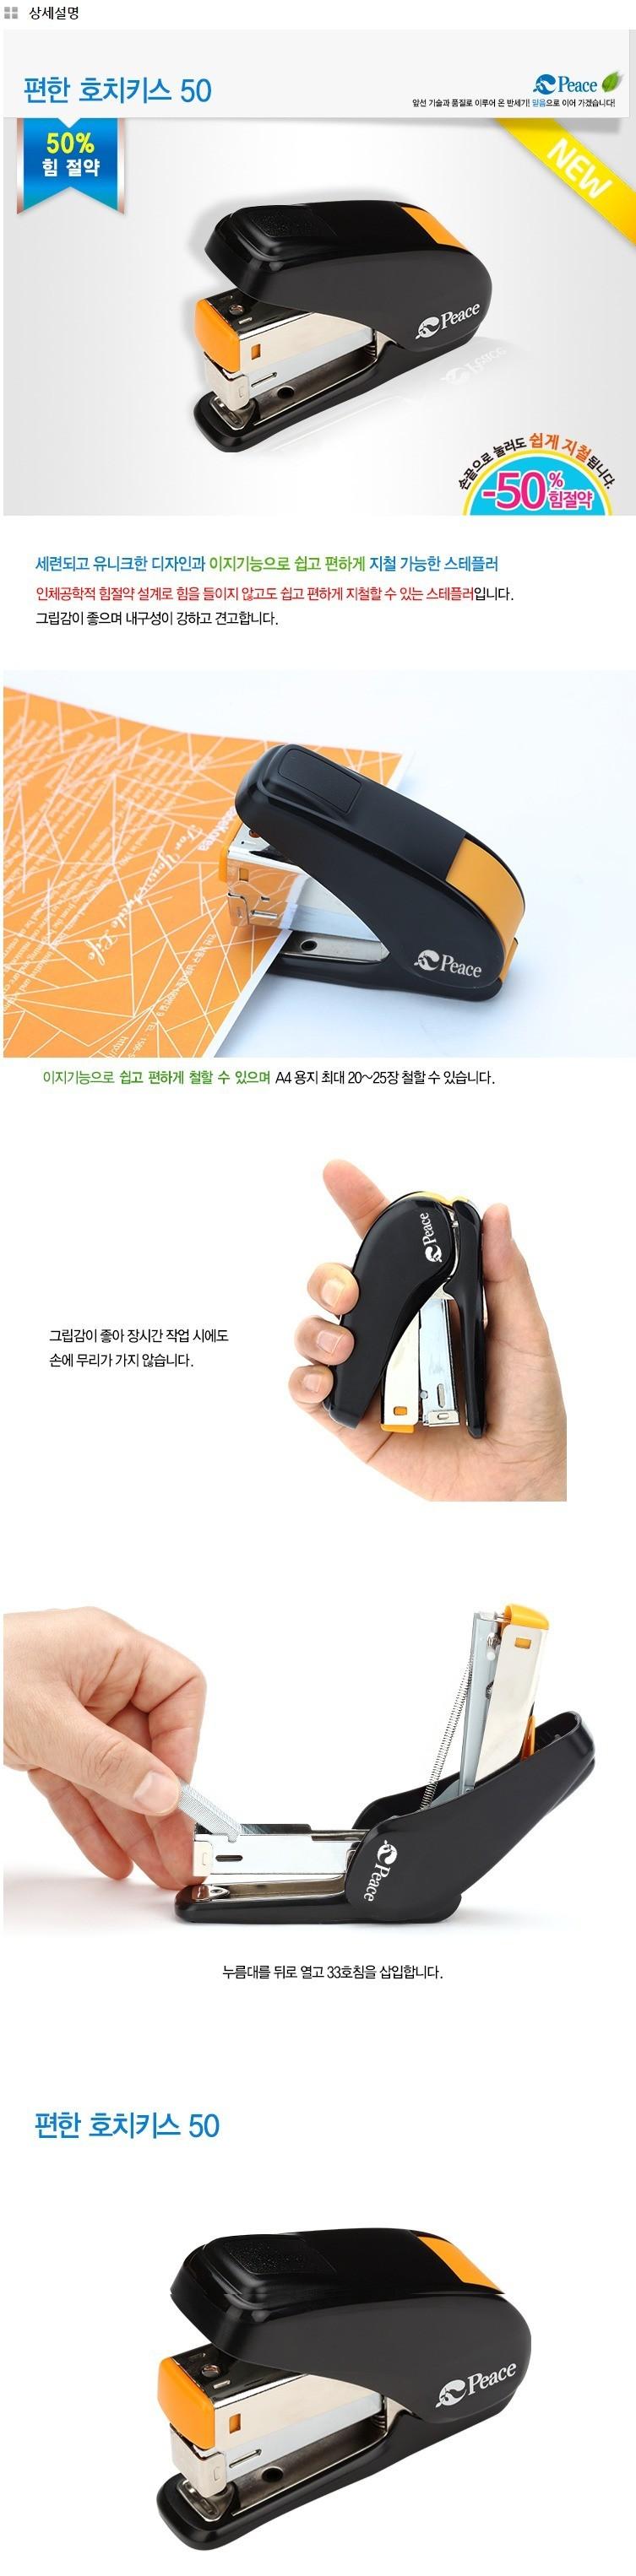 stapler_50.jpg